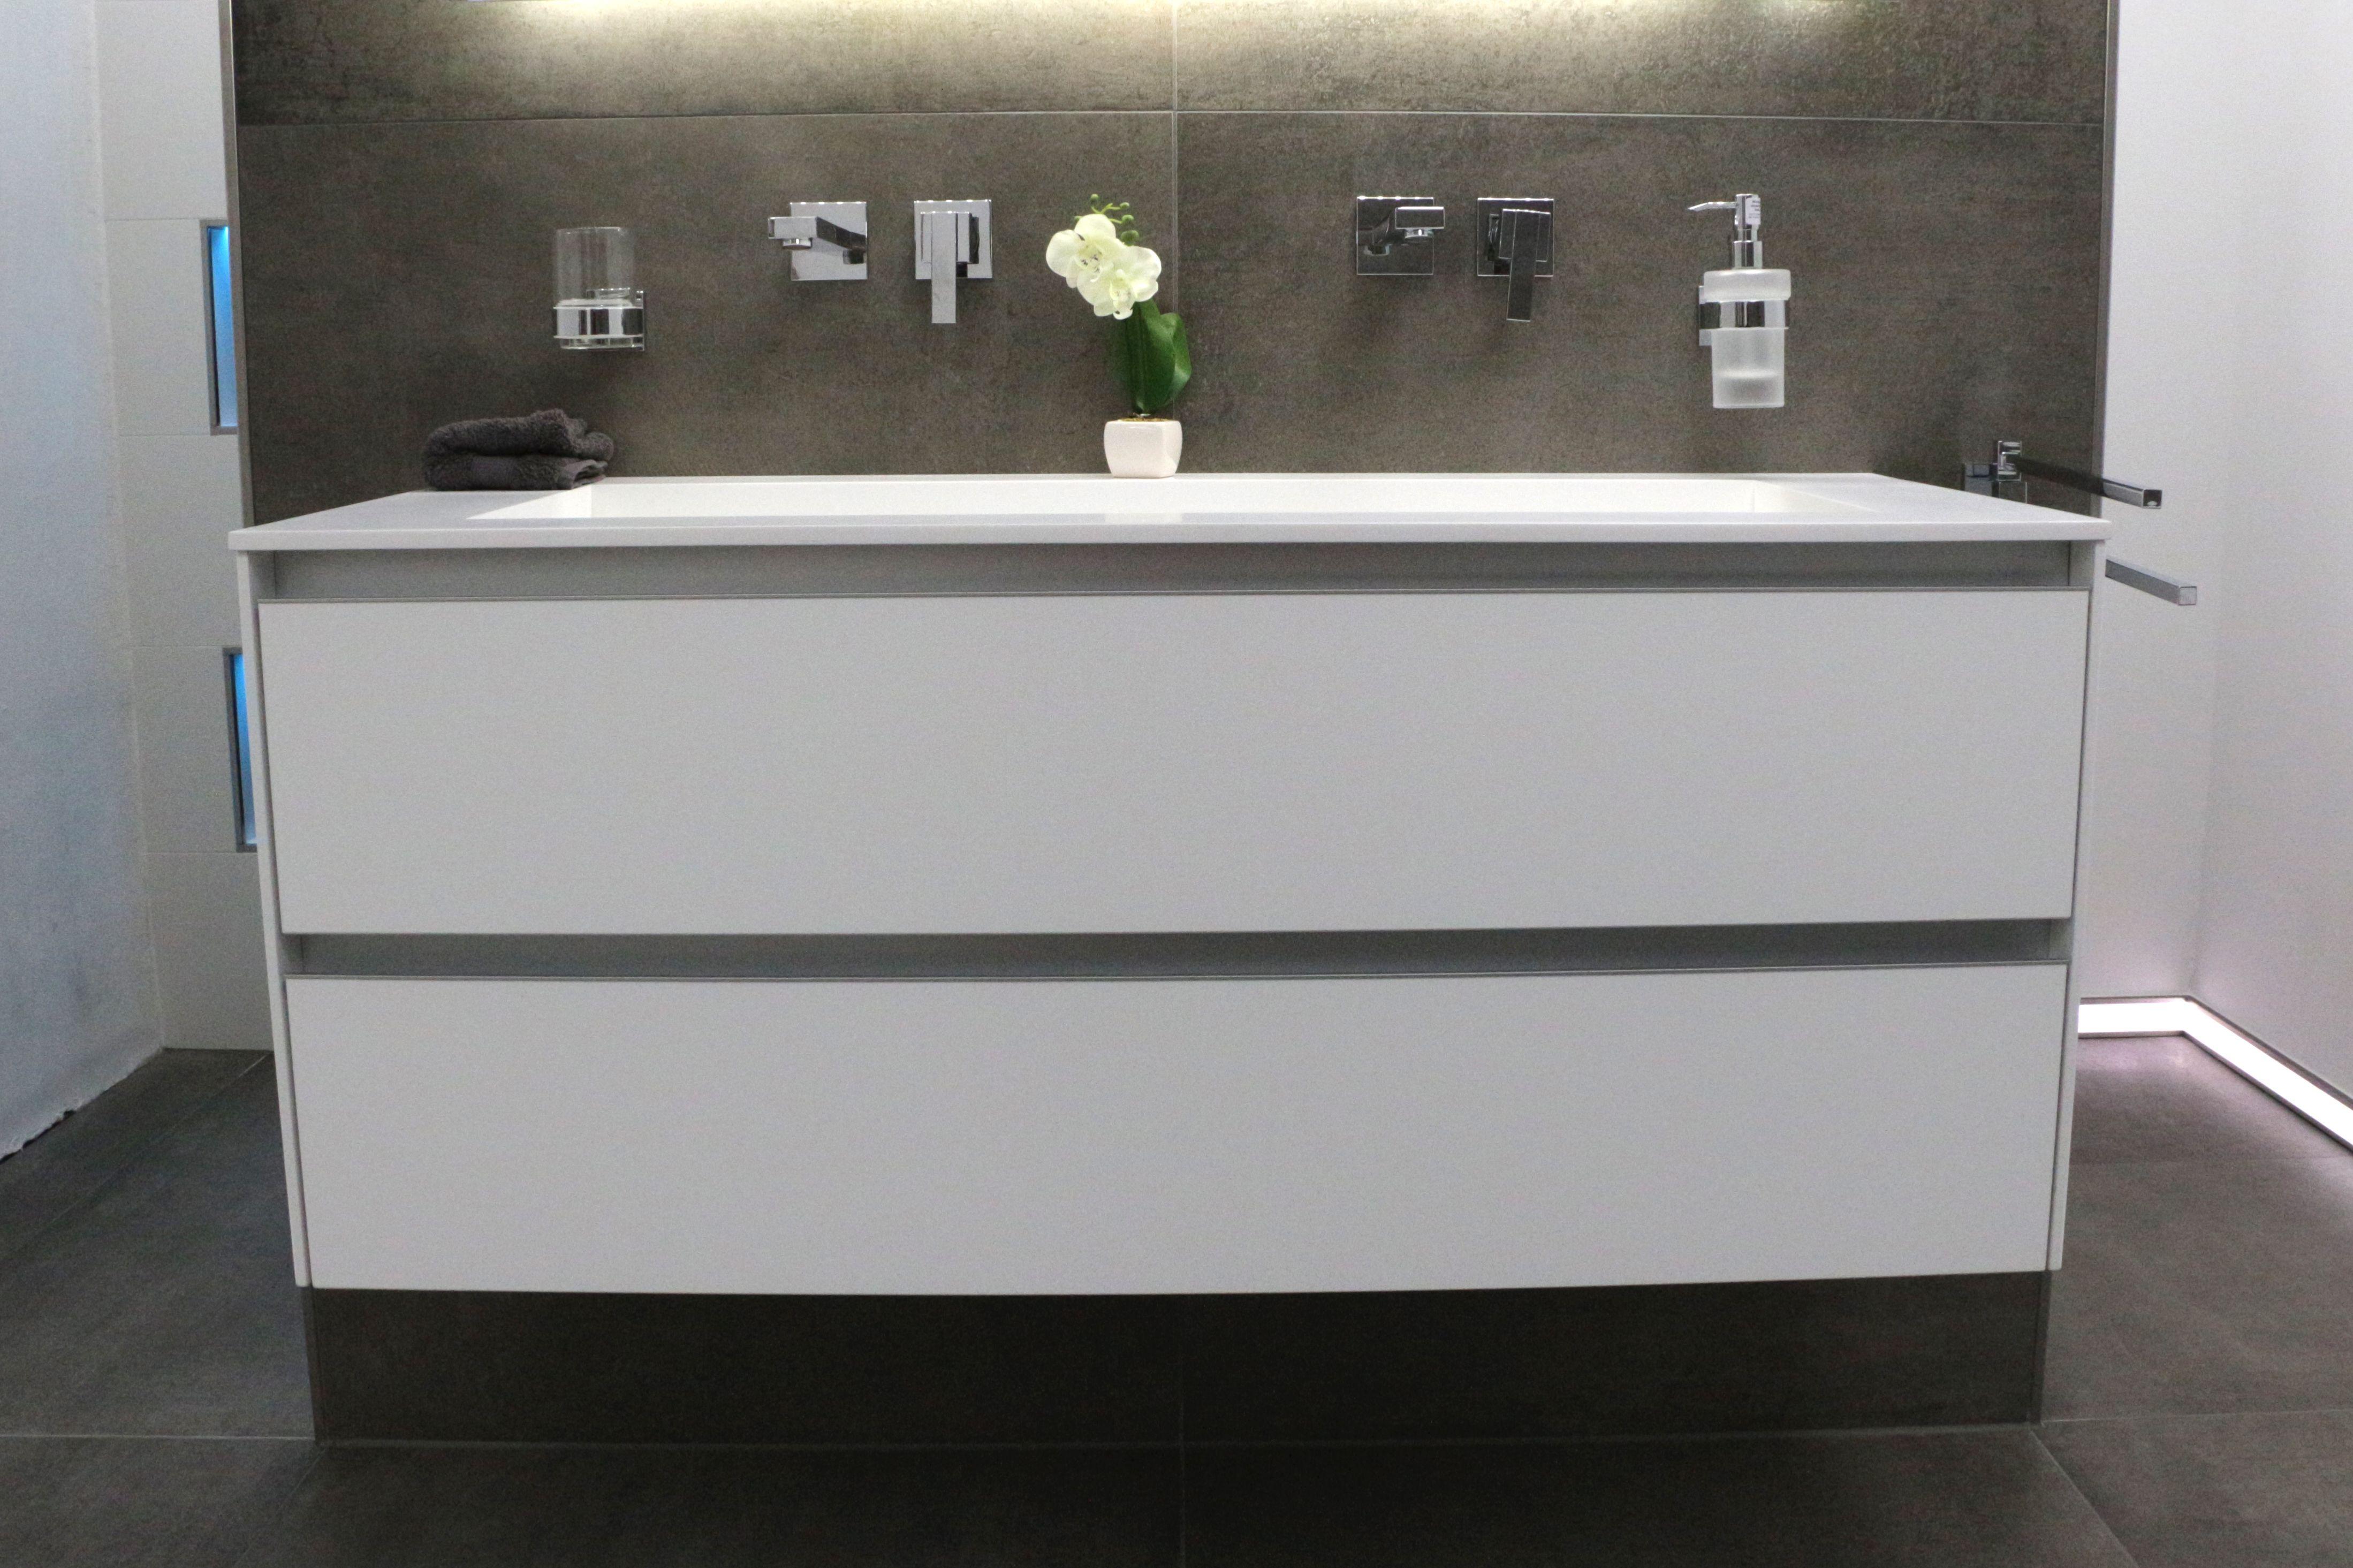 Griffloser Waschtisch auf Anfrage bei uns. www.franke-raumwert.de ...